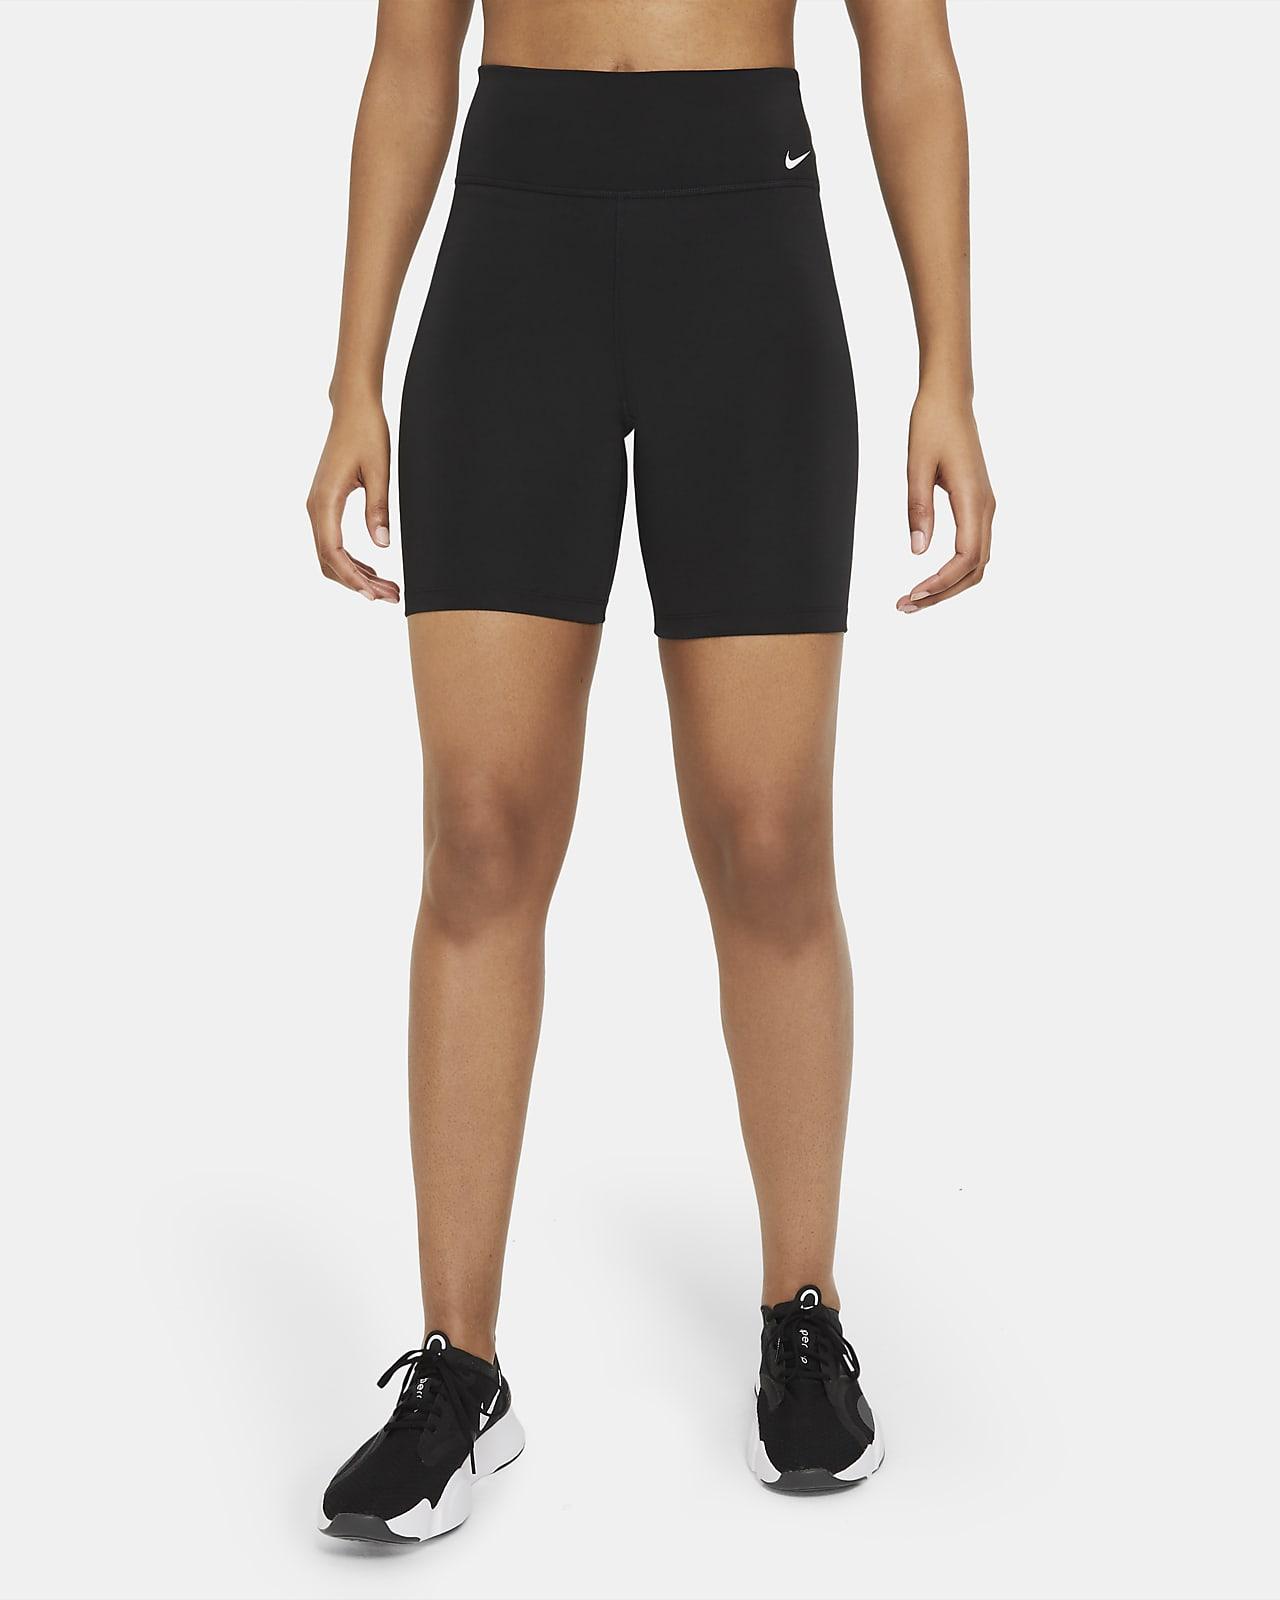 Cycliste taille mi-haute Nike One 18 cm pour Femme